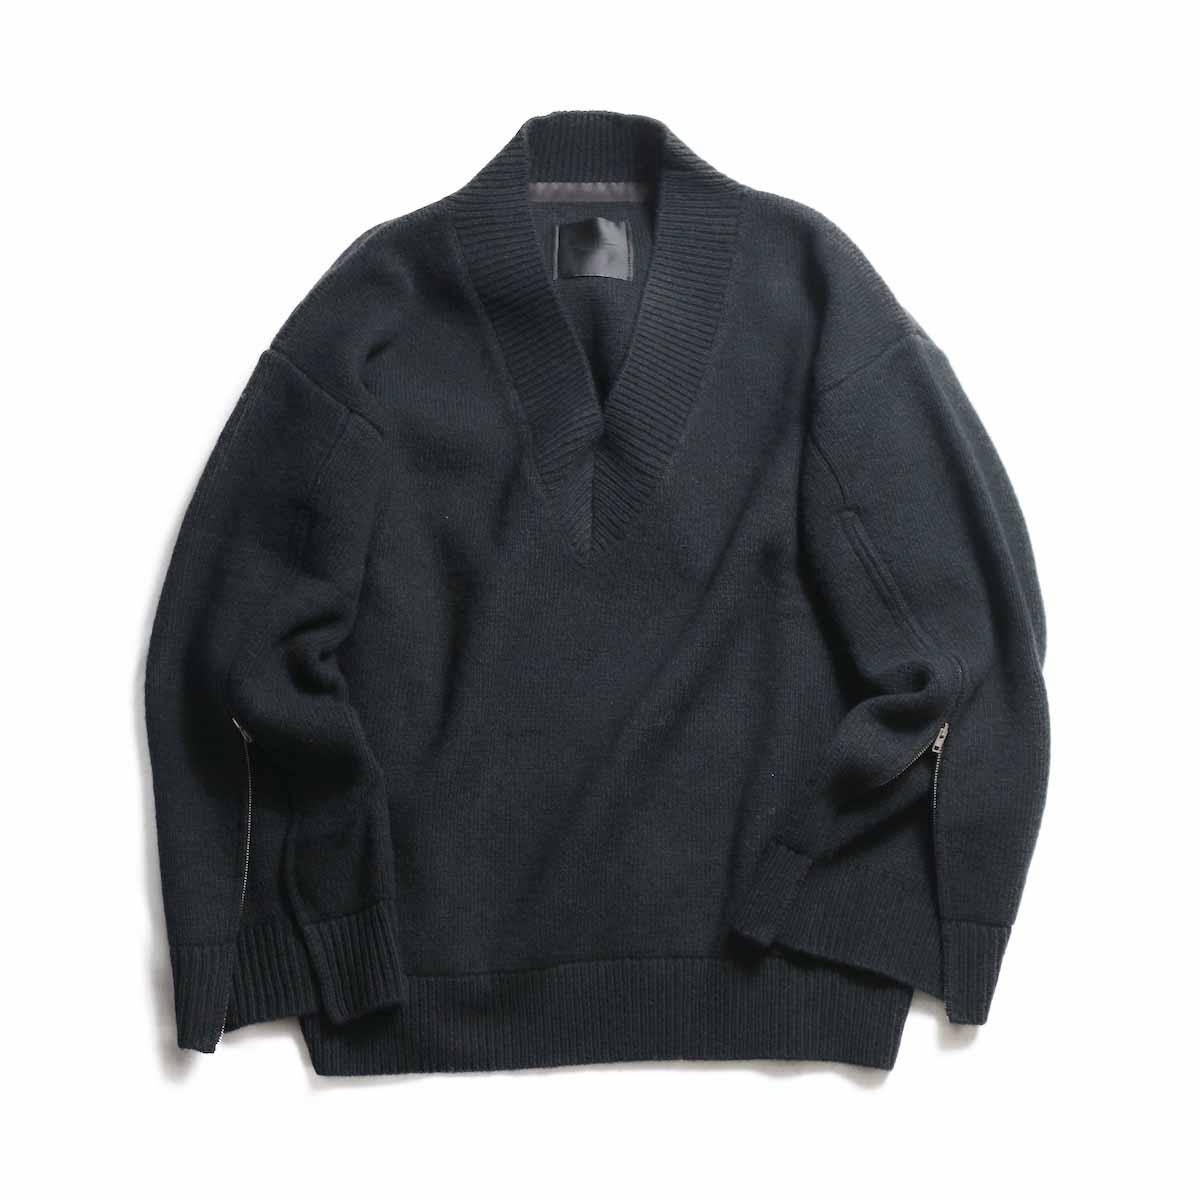 UNUSED Ladies / US1498 Zip Knit -BLACK